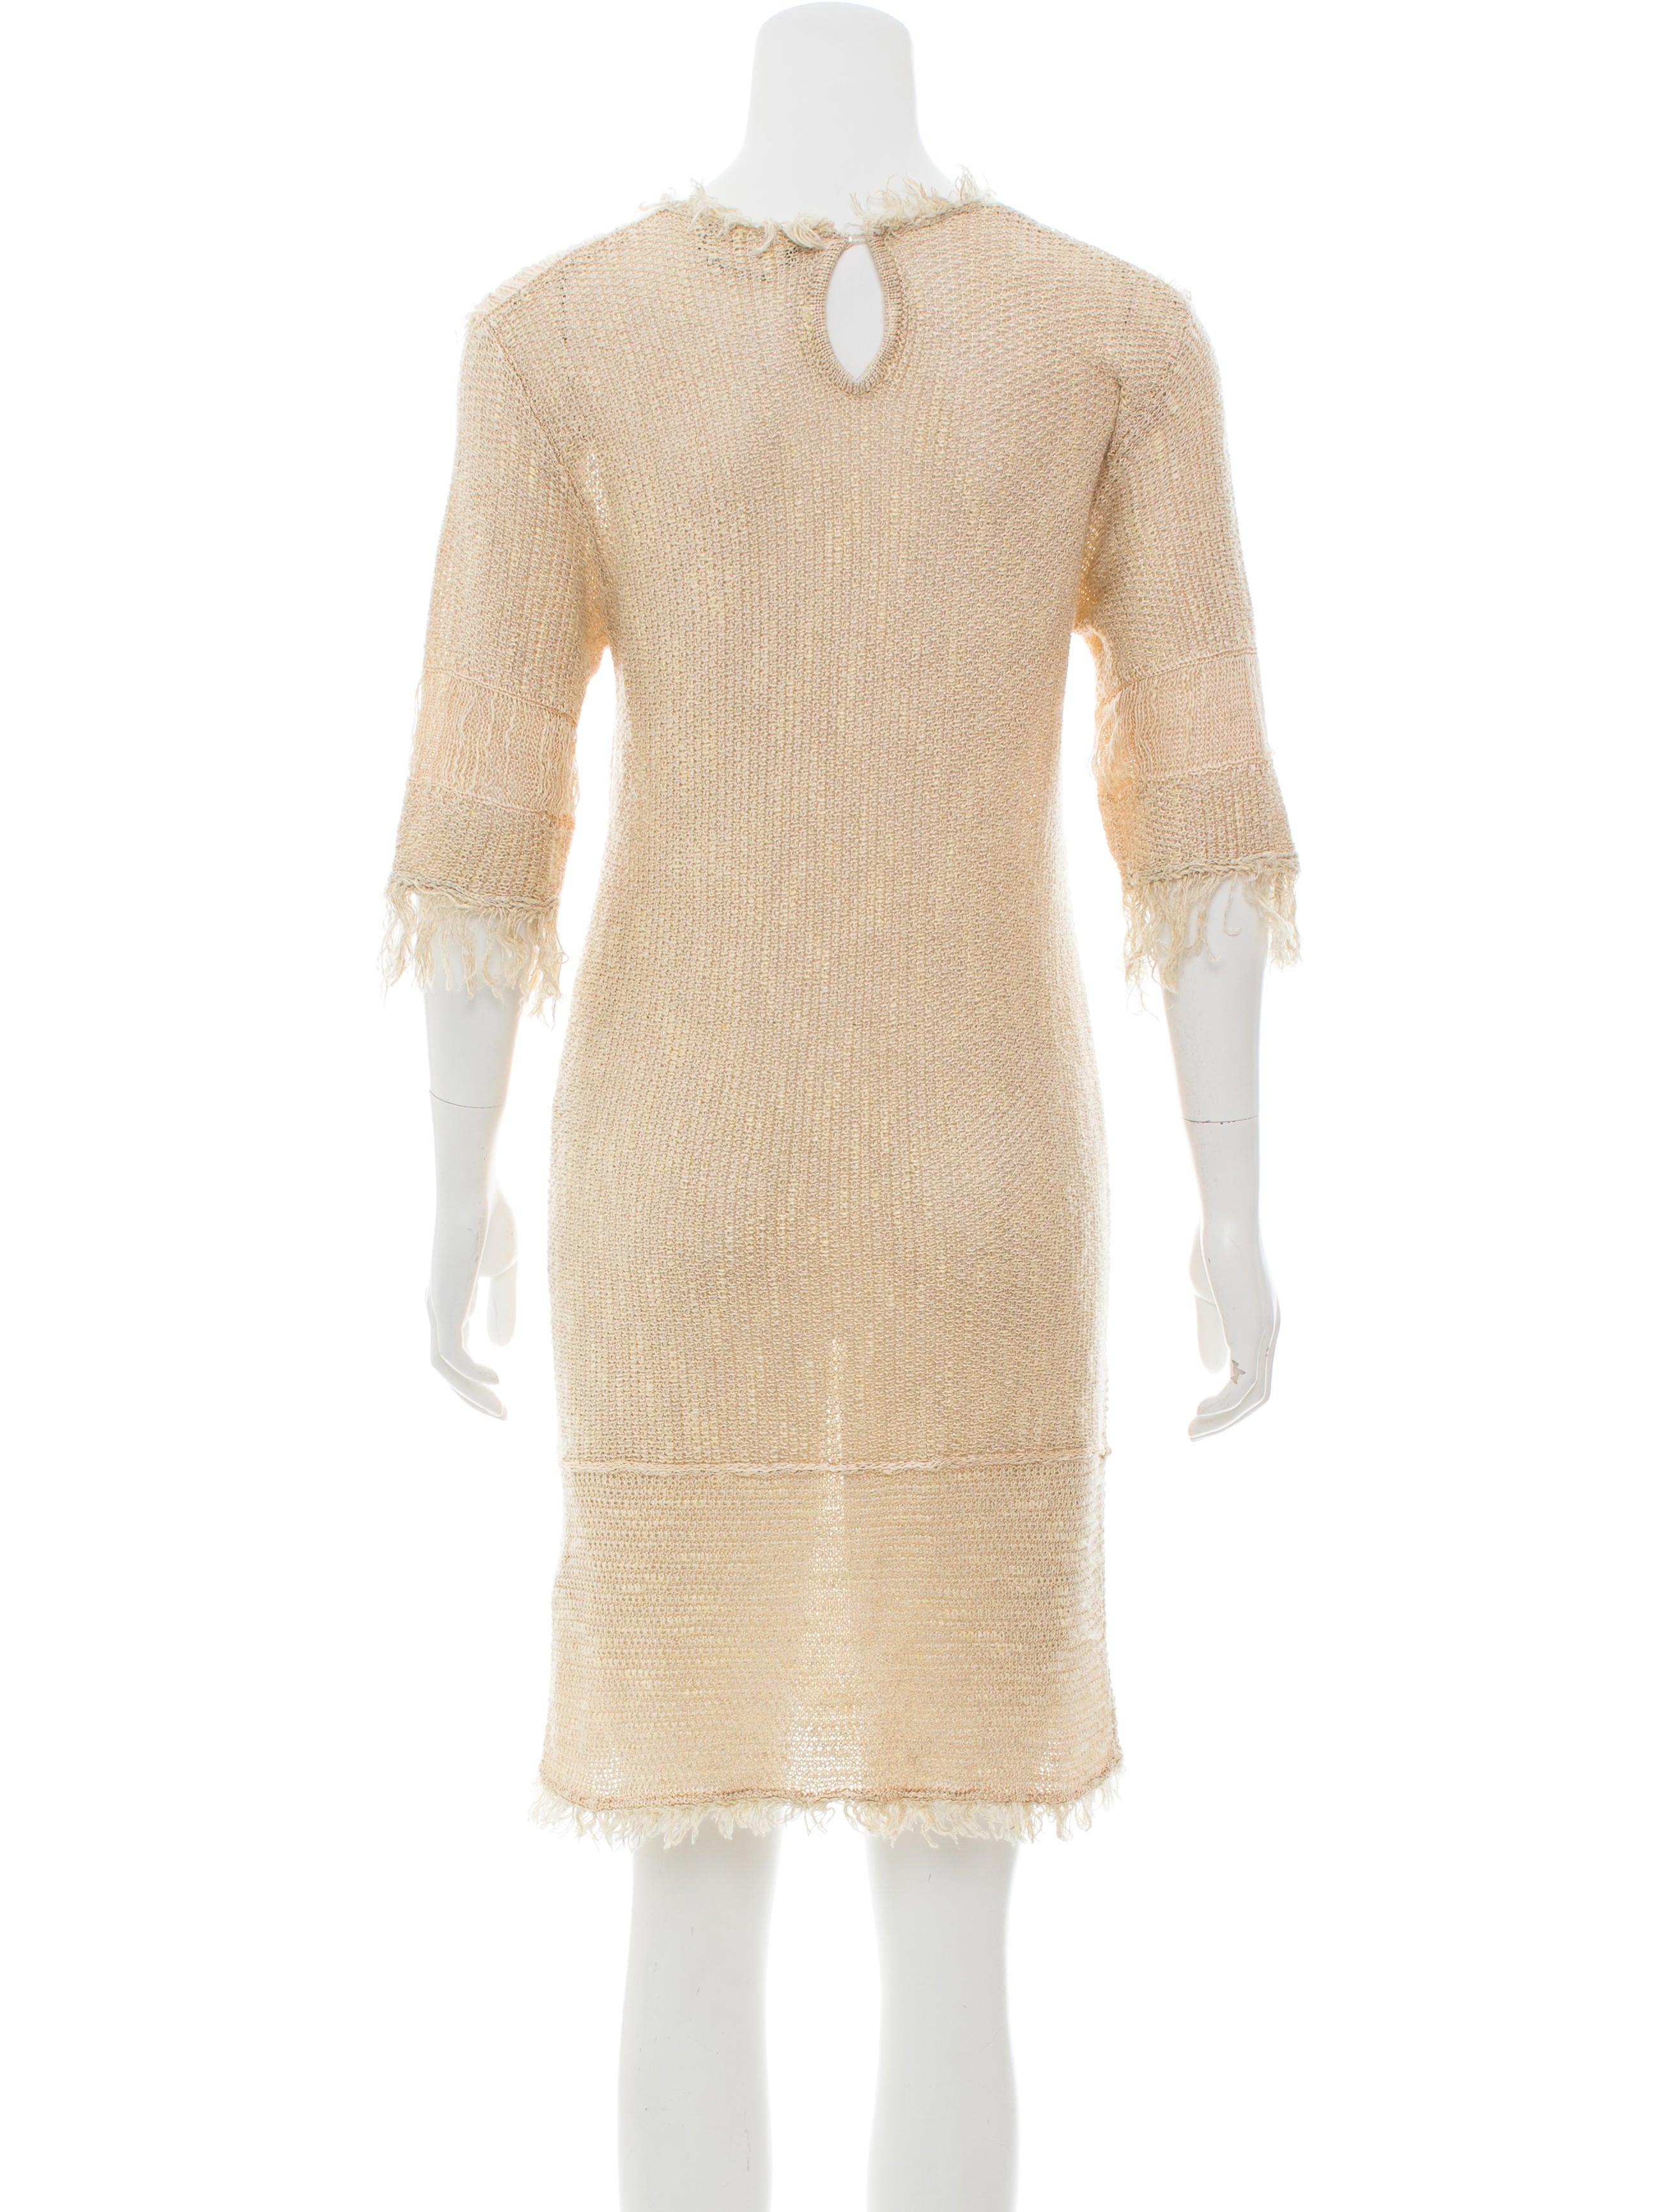 sale retailer 8e138 61a44 Plein Sud Halter Maxi Dress